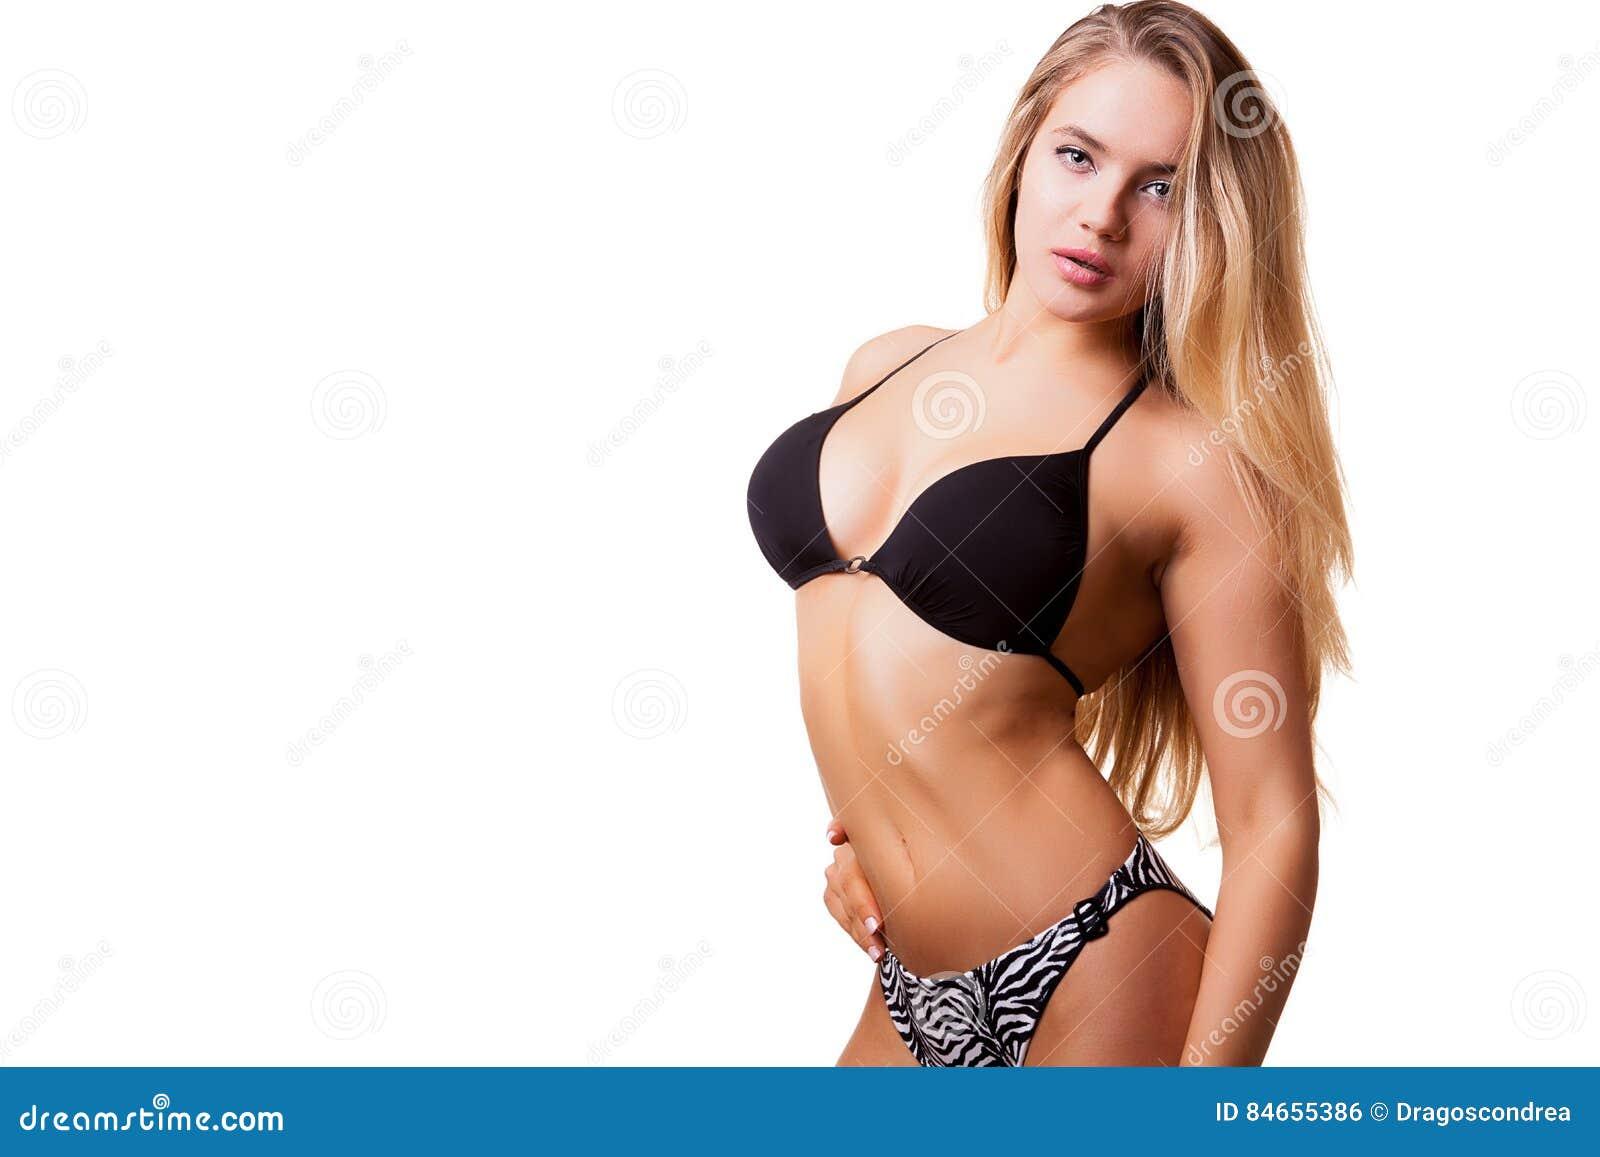 Η Τάρα Μπάμπκοκ πορνό